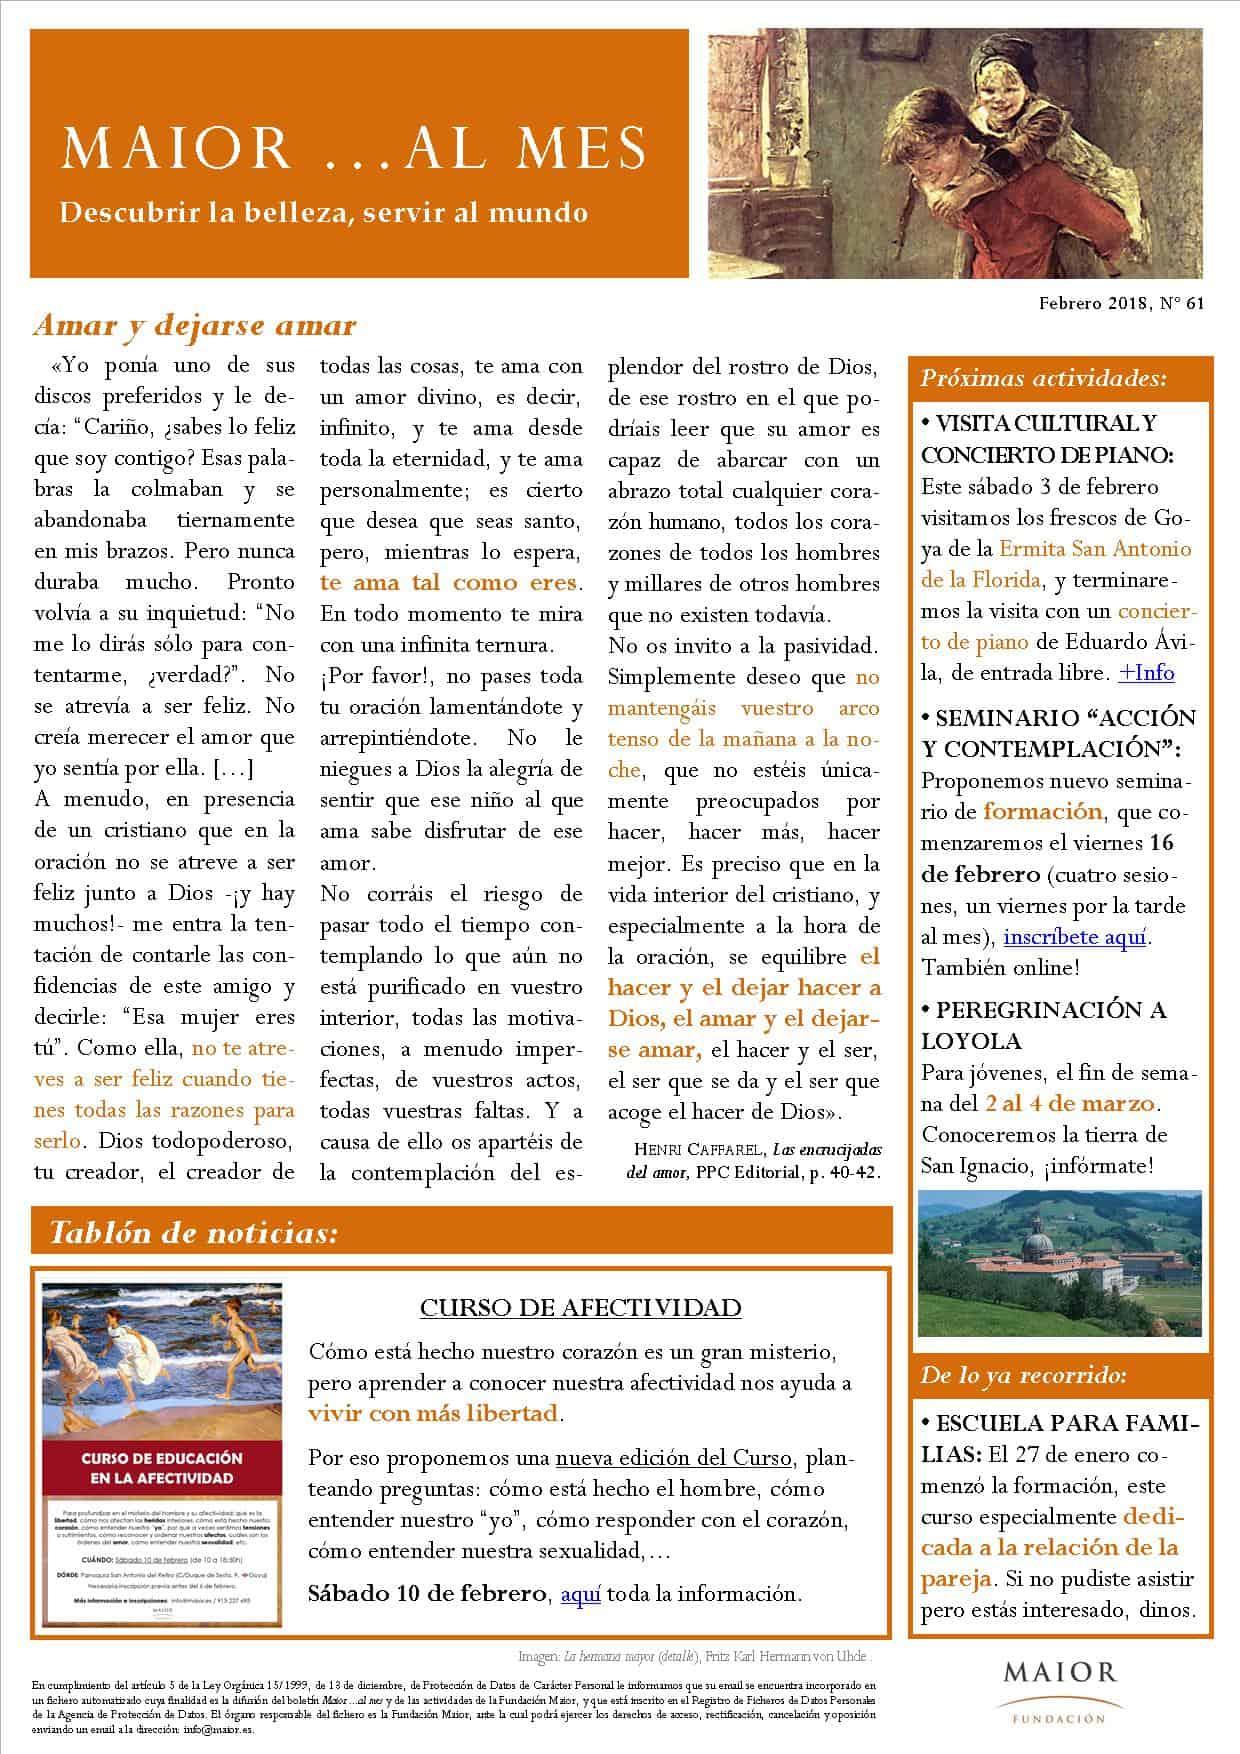 Boletín mensual de noticias y actividades de la Fundación Maior. Edición de febrero 2018